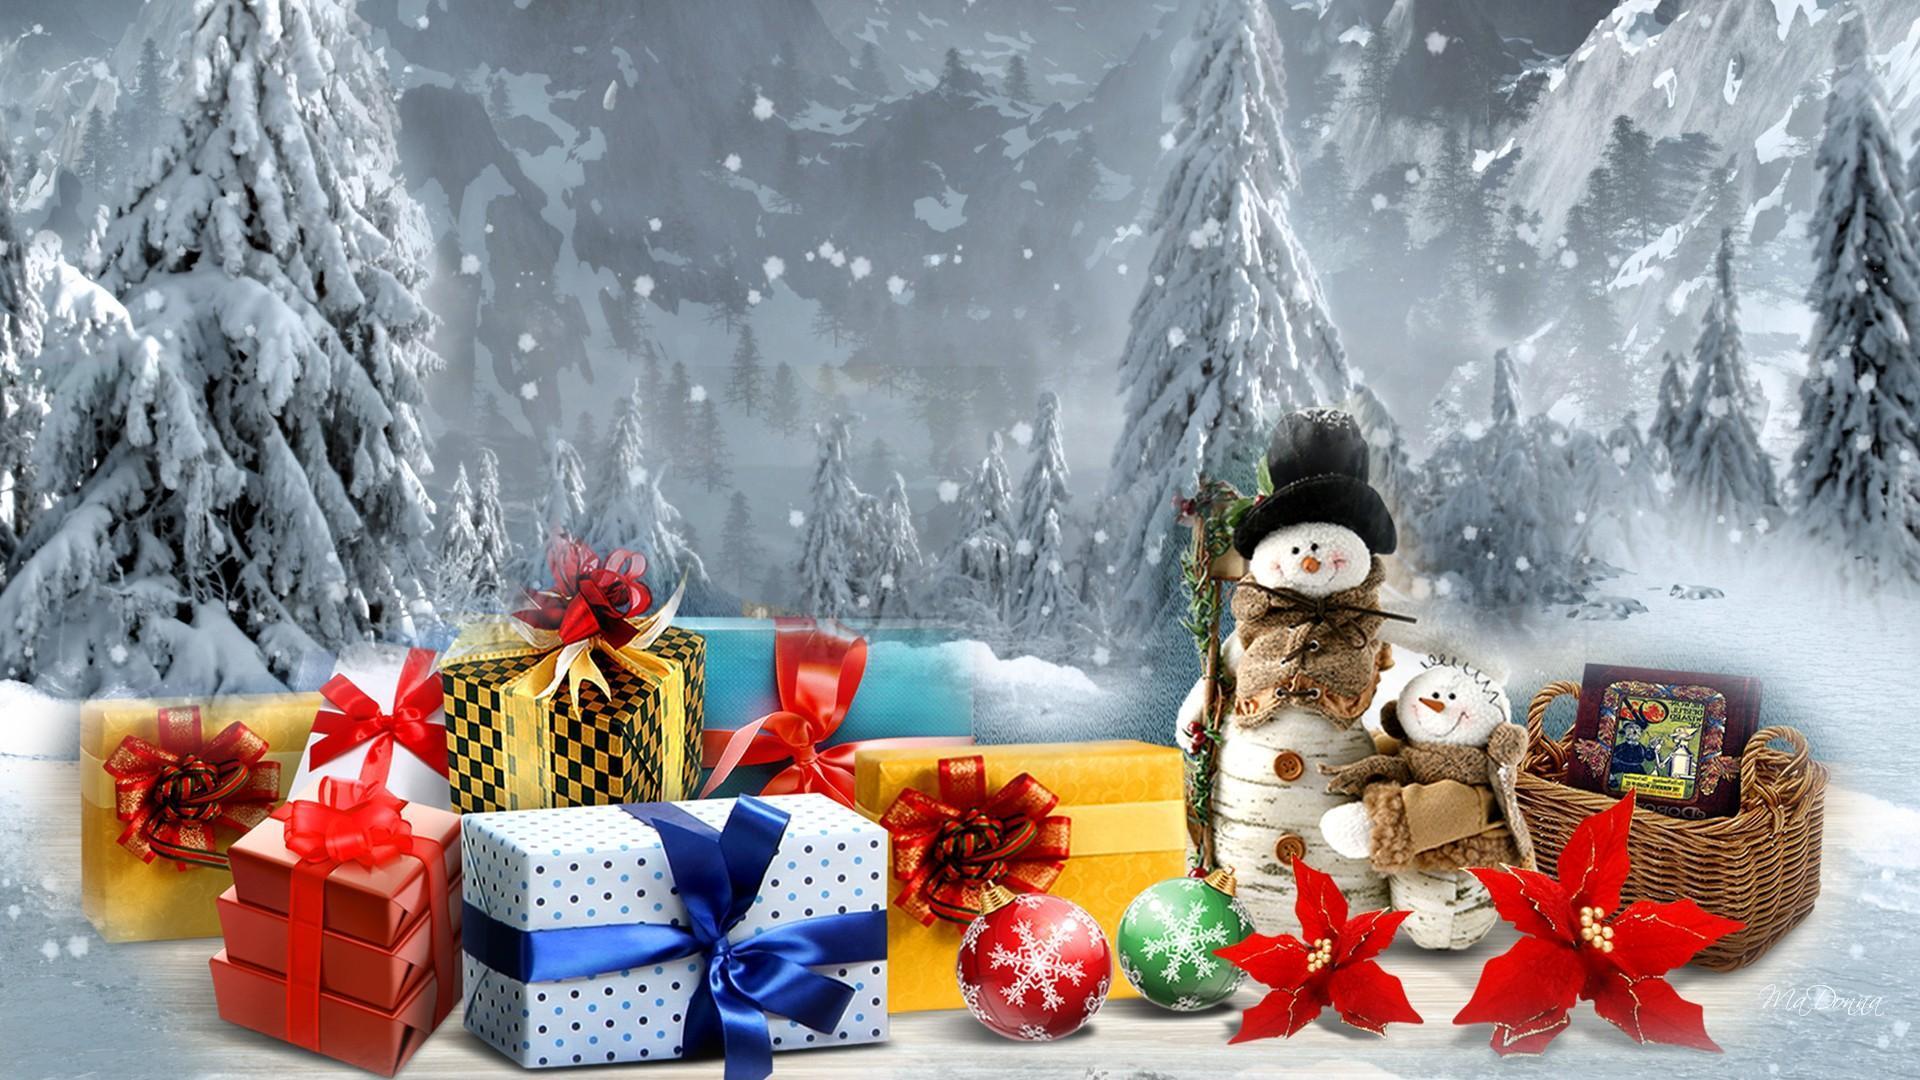 Santa Claus Wallpaper Hd Christmas Time Winter Time Hd Desktop Wallpaper